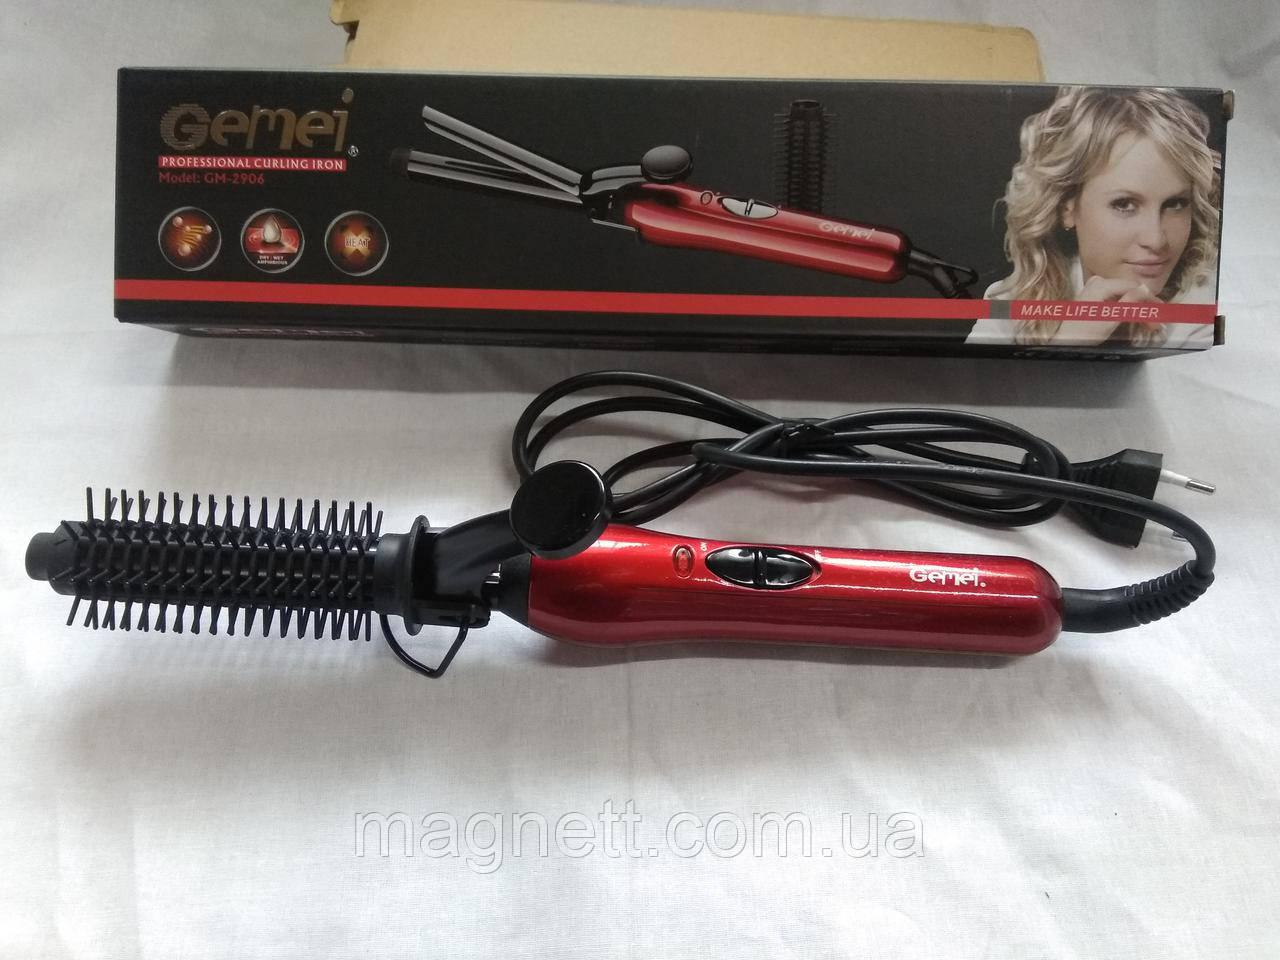 Плойка для завивки волос Gemei GM-2906